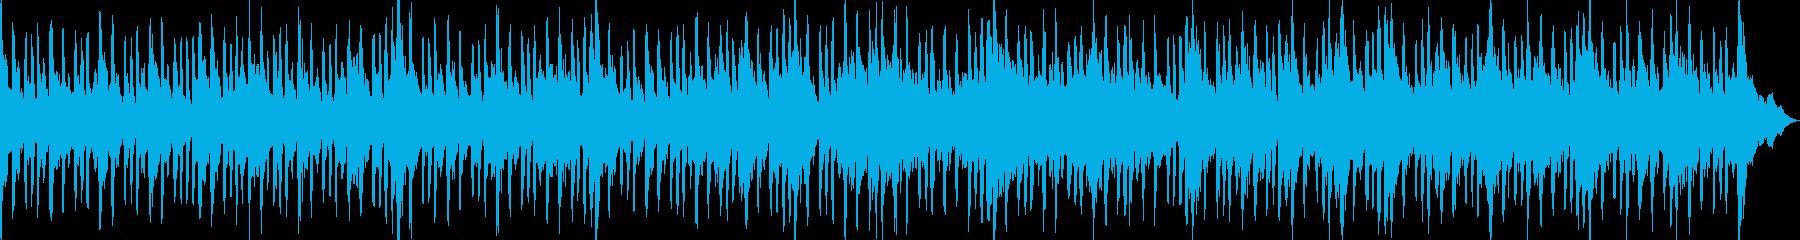 テクノロジー-ハイテクテーマ。科学...の再生済みの波形